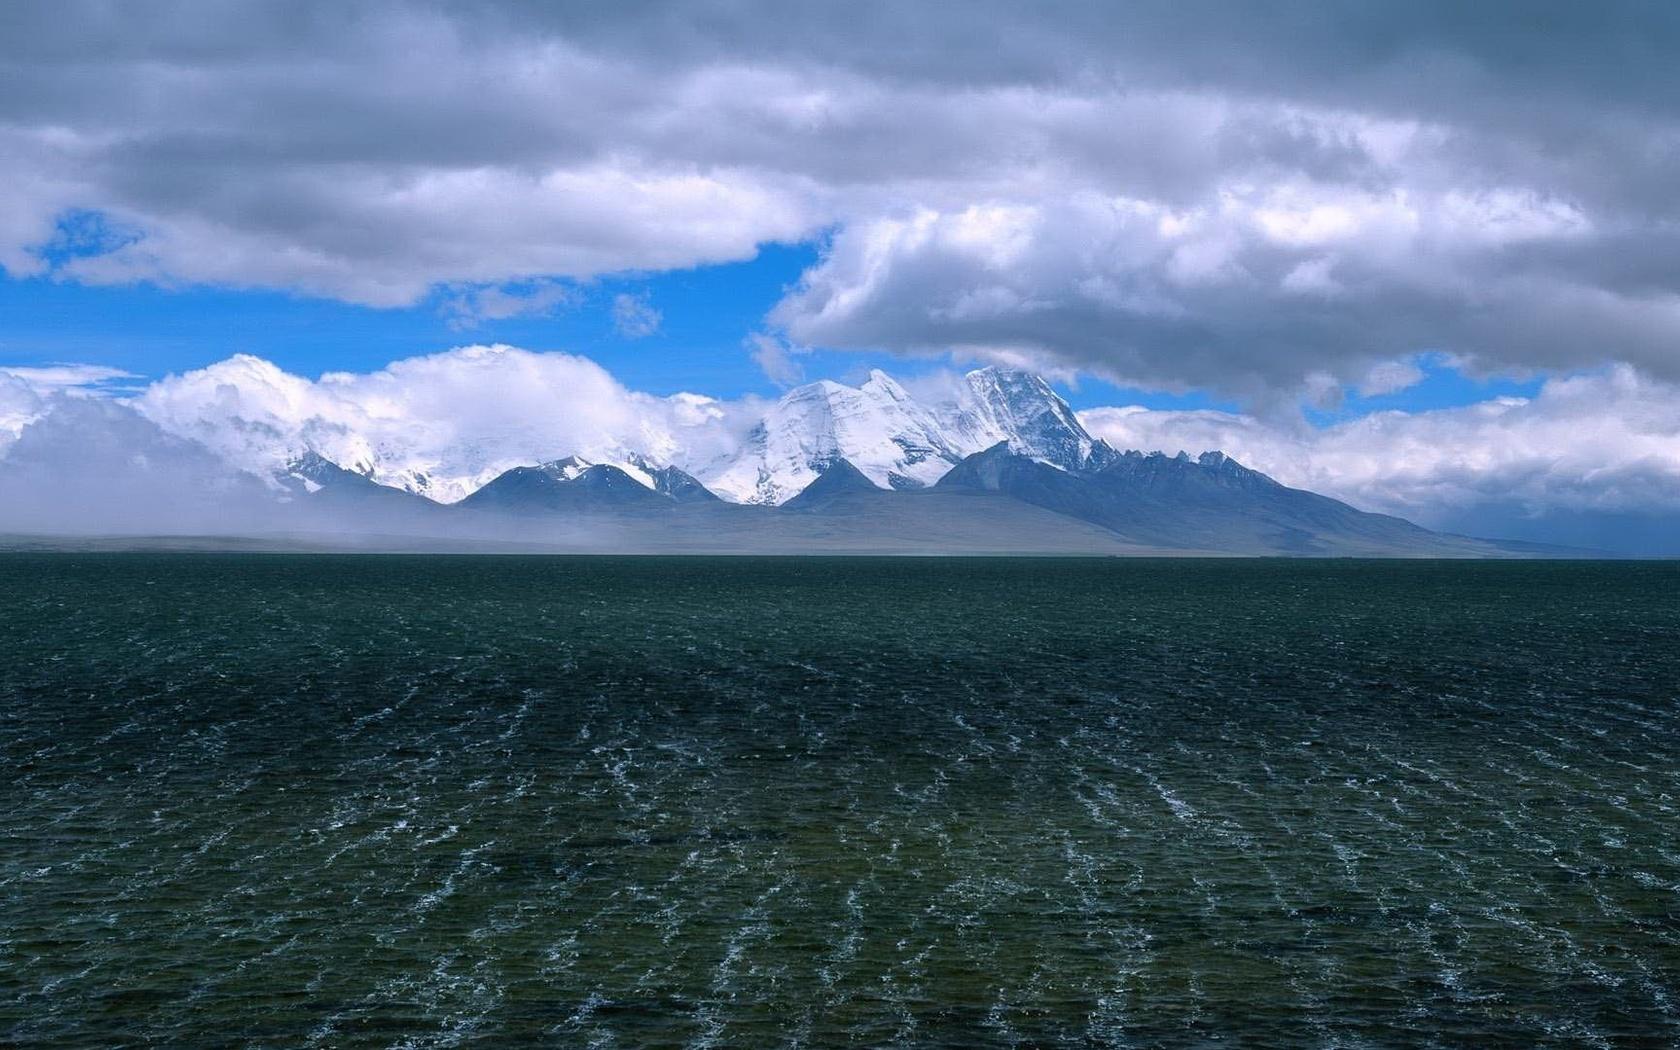 мелкое море, водичка, горы в снегу, зима, снег, горы, голубой, синий, лес, деревья, природа, берег, атмосфера, ель, елка, зима, снег, горы, голубой, синий, лес, деревья, природа, берег, атмосфера, ель, елка